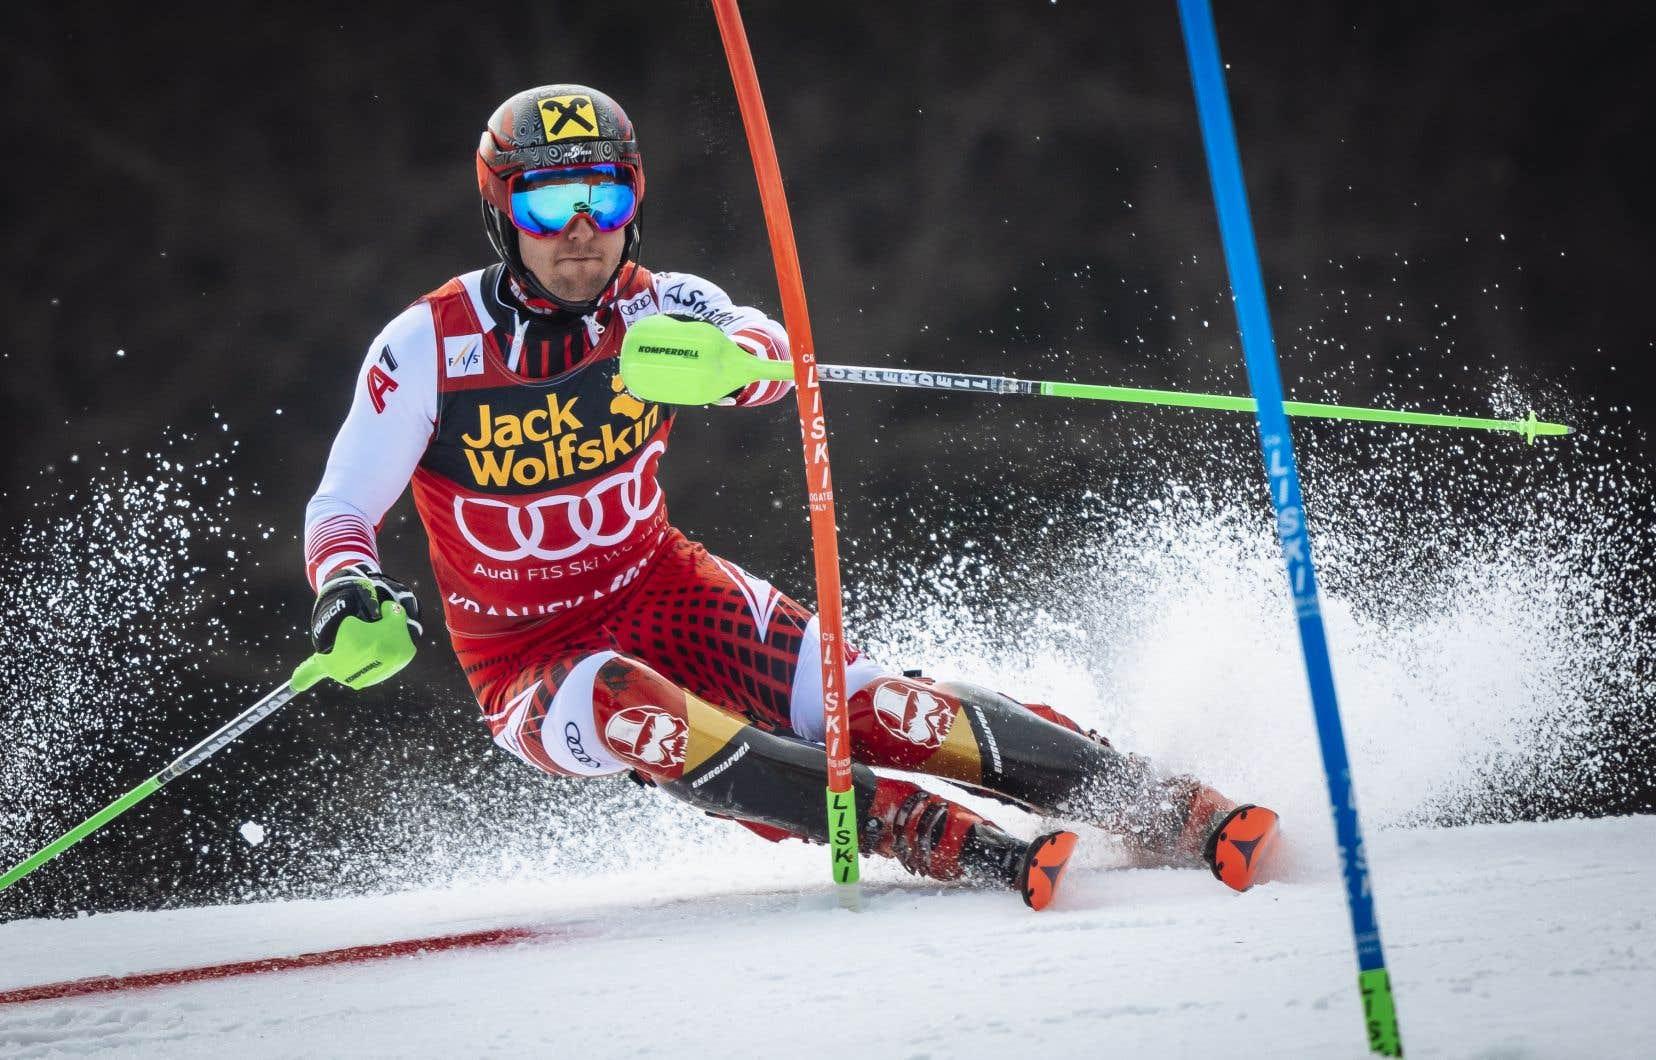 Au terme de la dernière saison, et après avoir finalement mis la main sur une médaille d'or aux Jeux olympiques,l'Autrichien Marcel Hirscher pensait à prendre sa retraite.